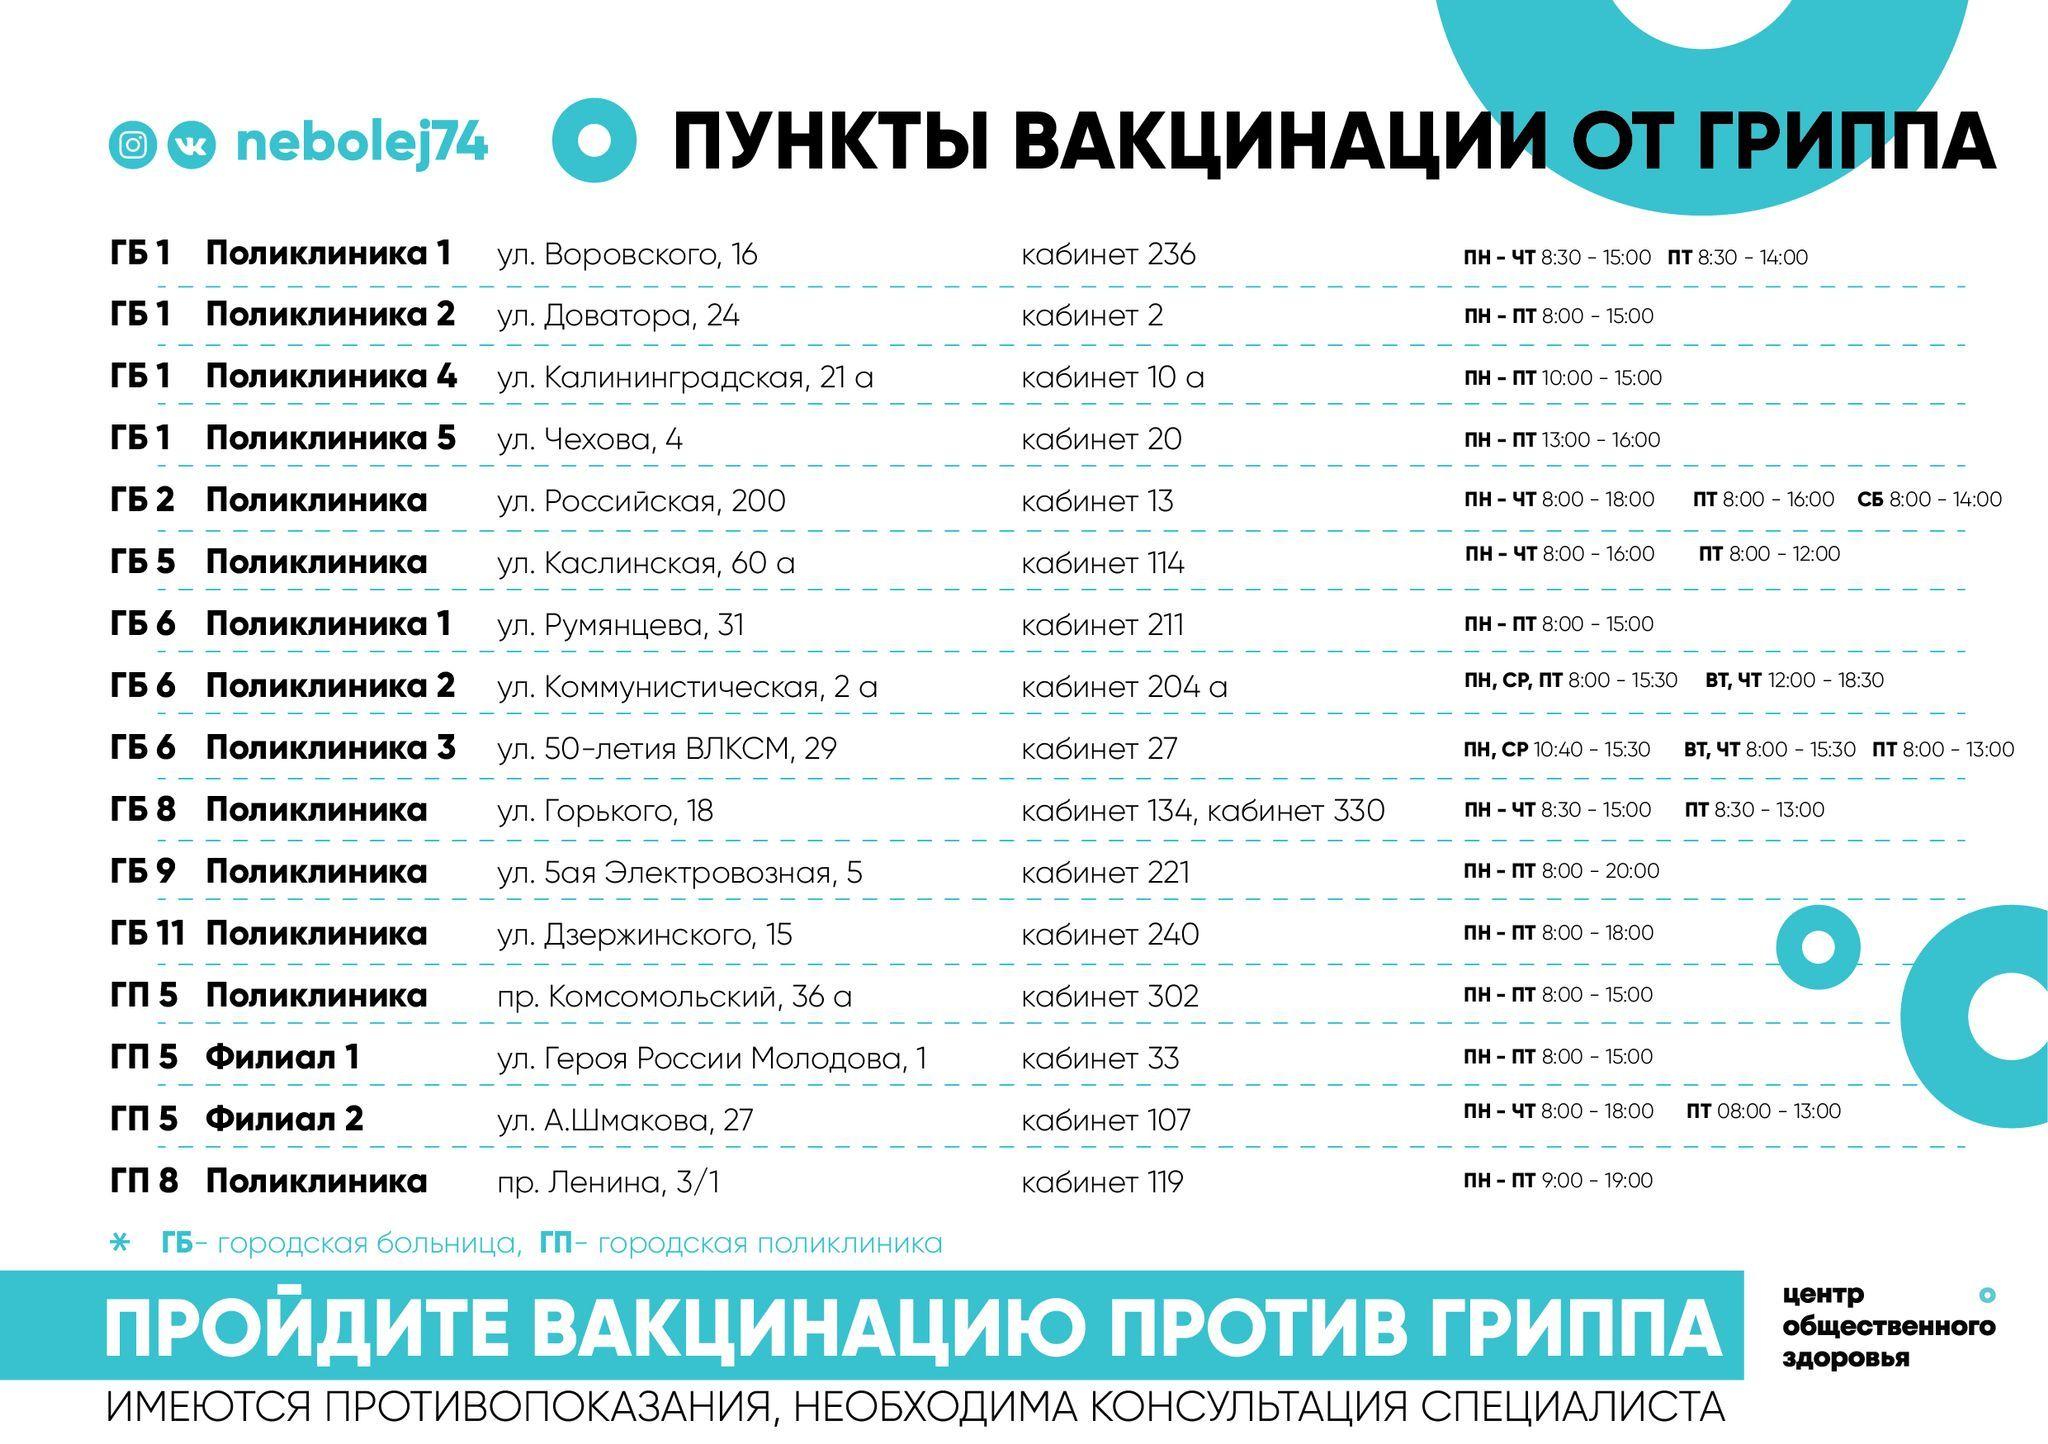 Челябинцы бесплатно могут поставить прививку от гриппав поликлиниках города_1